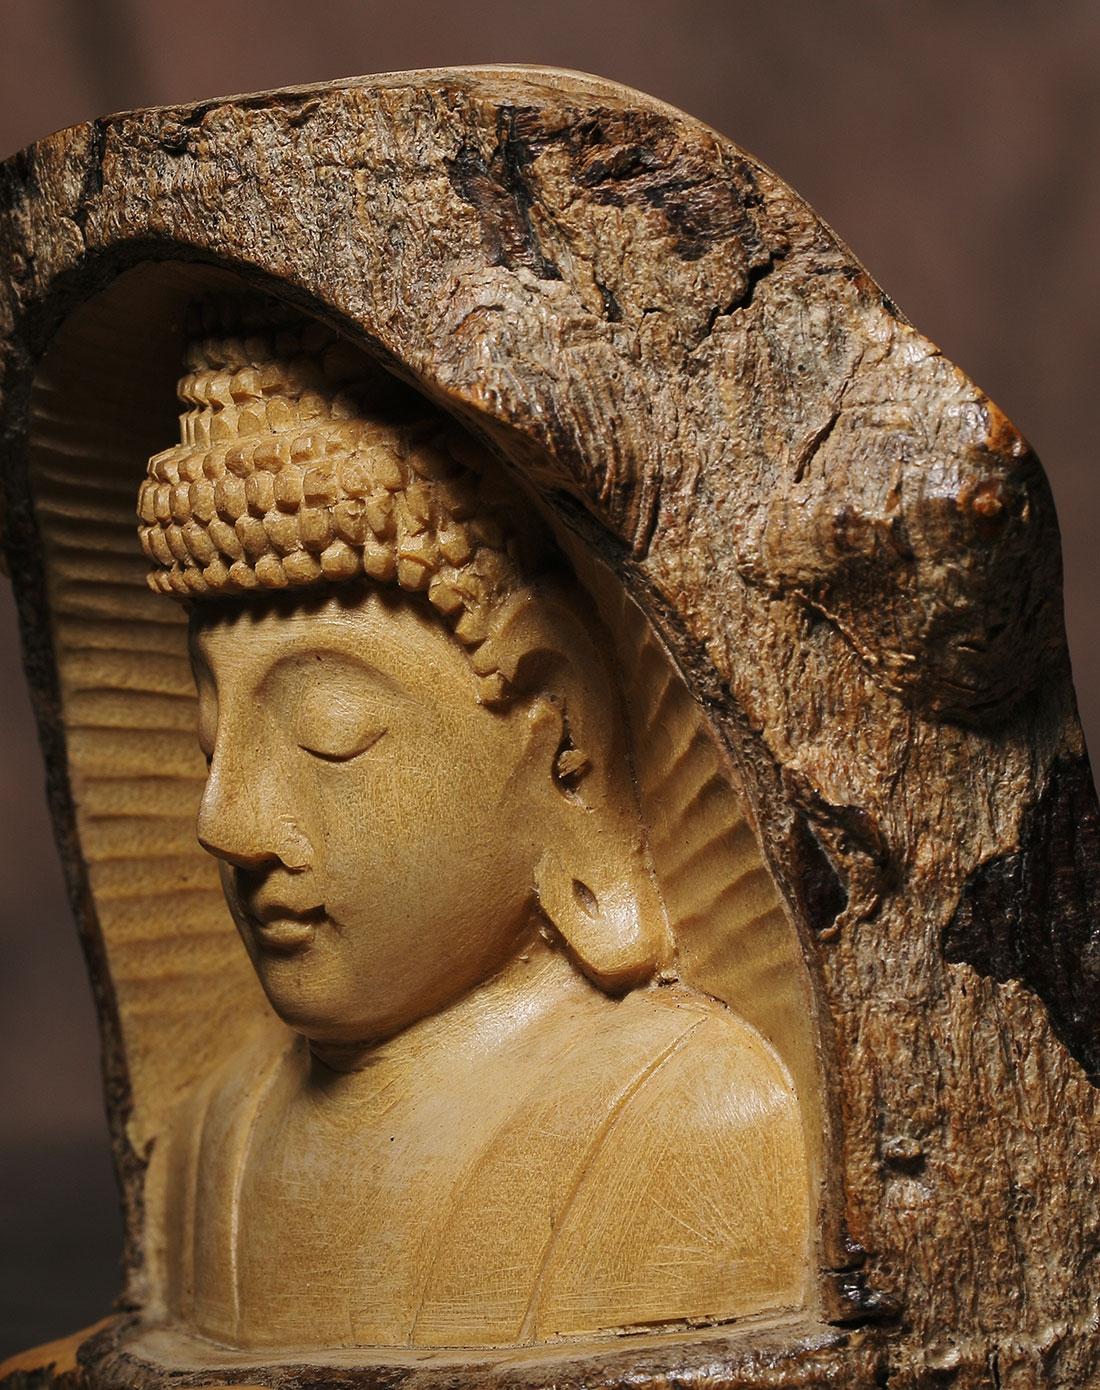 印尼.巴厘马斯大师手工木雕作品《佛光普照》